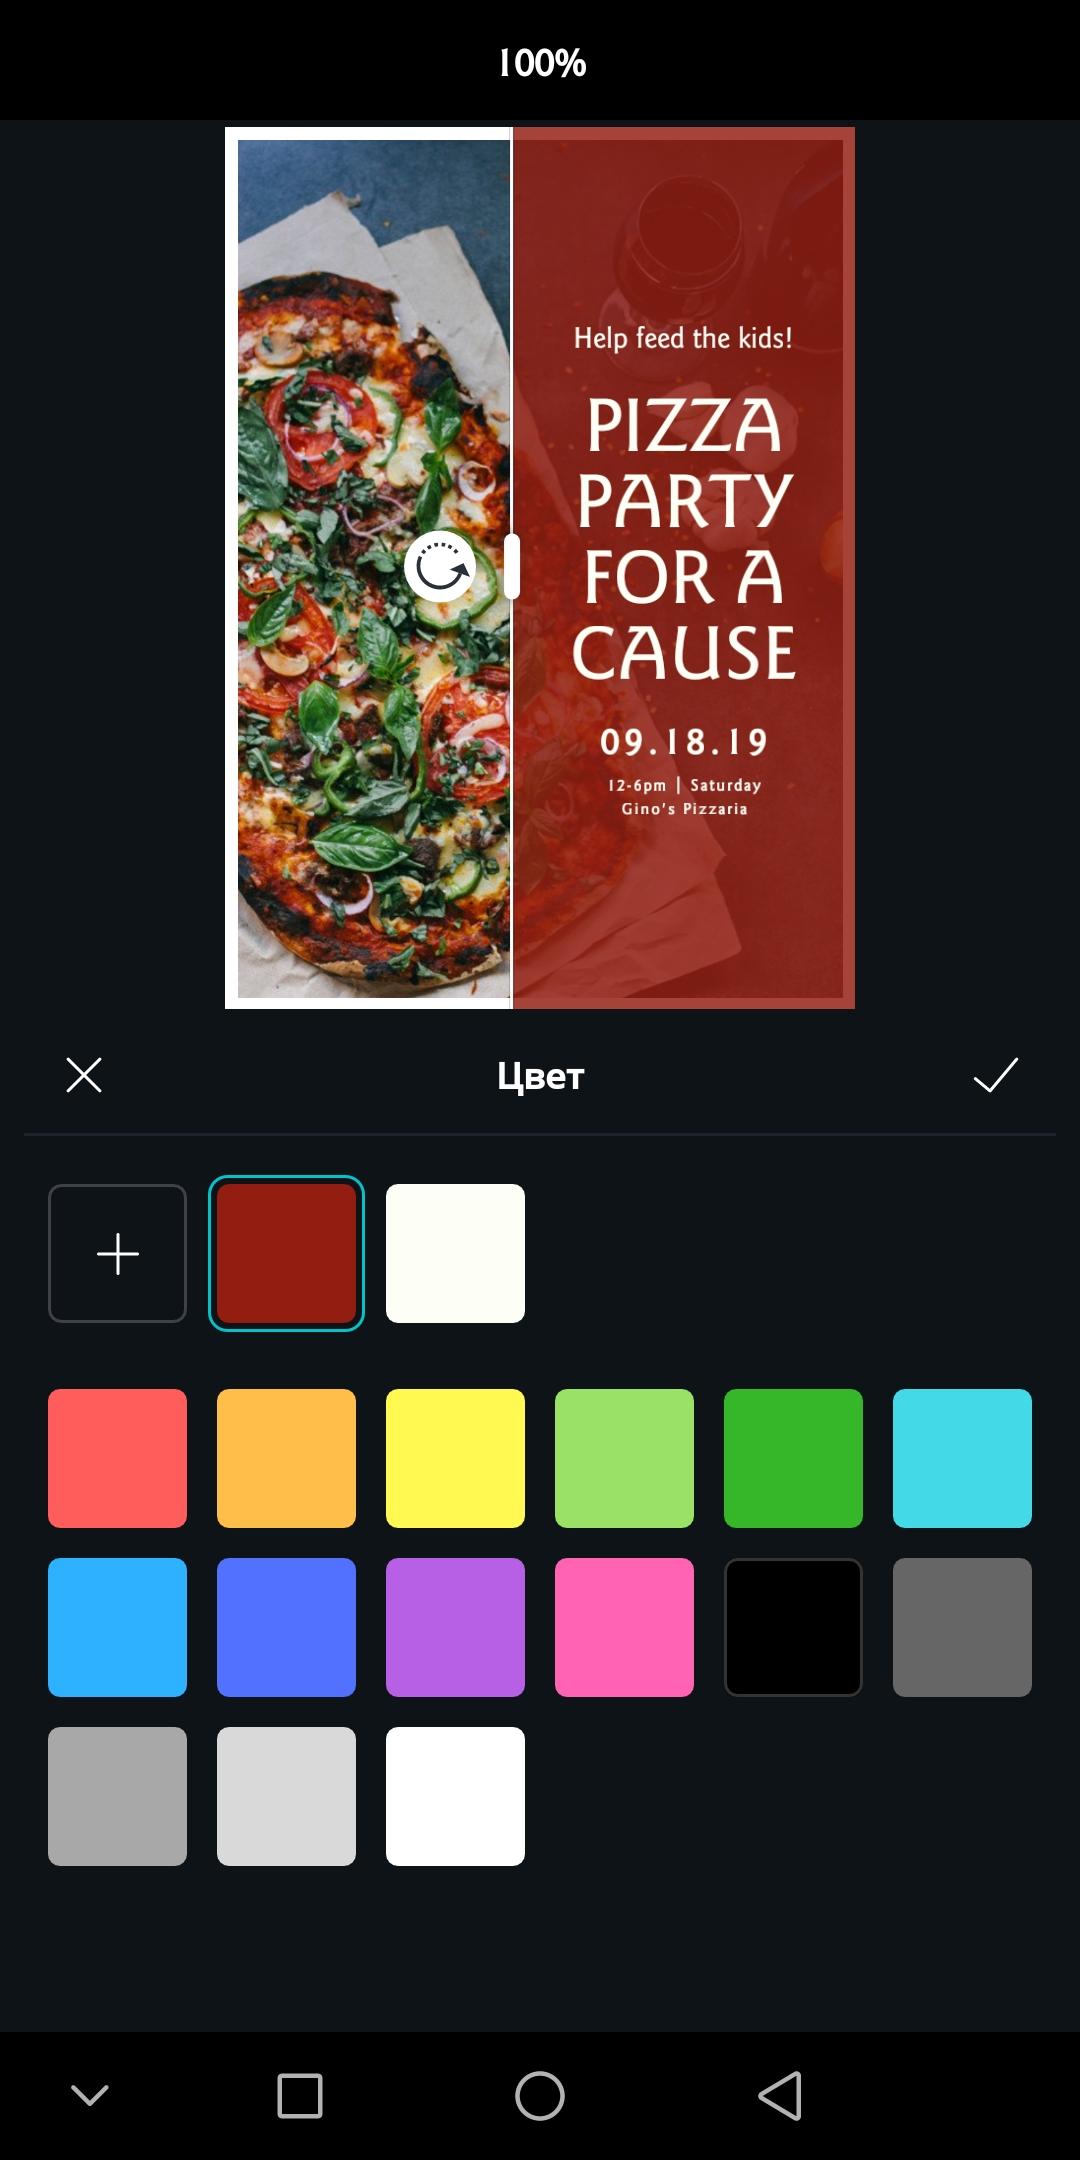 Обзор приложения Canva - продвинутый фотошоп в кармане Мультимедиа  - Screenshot_20190109-191908